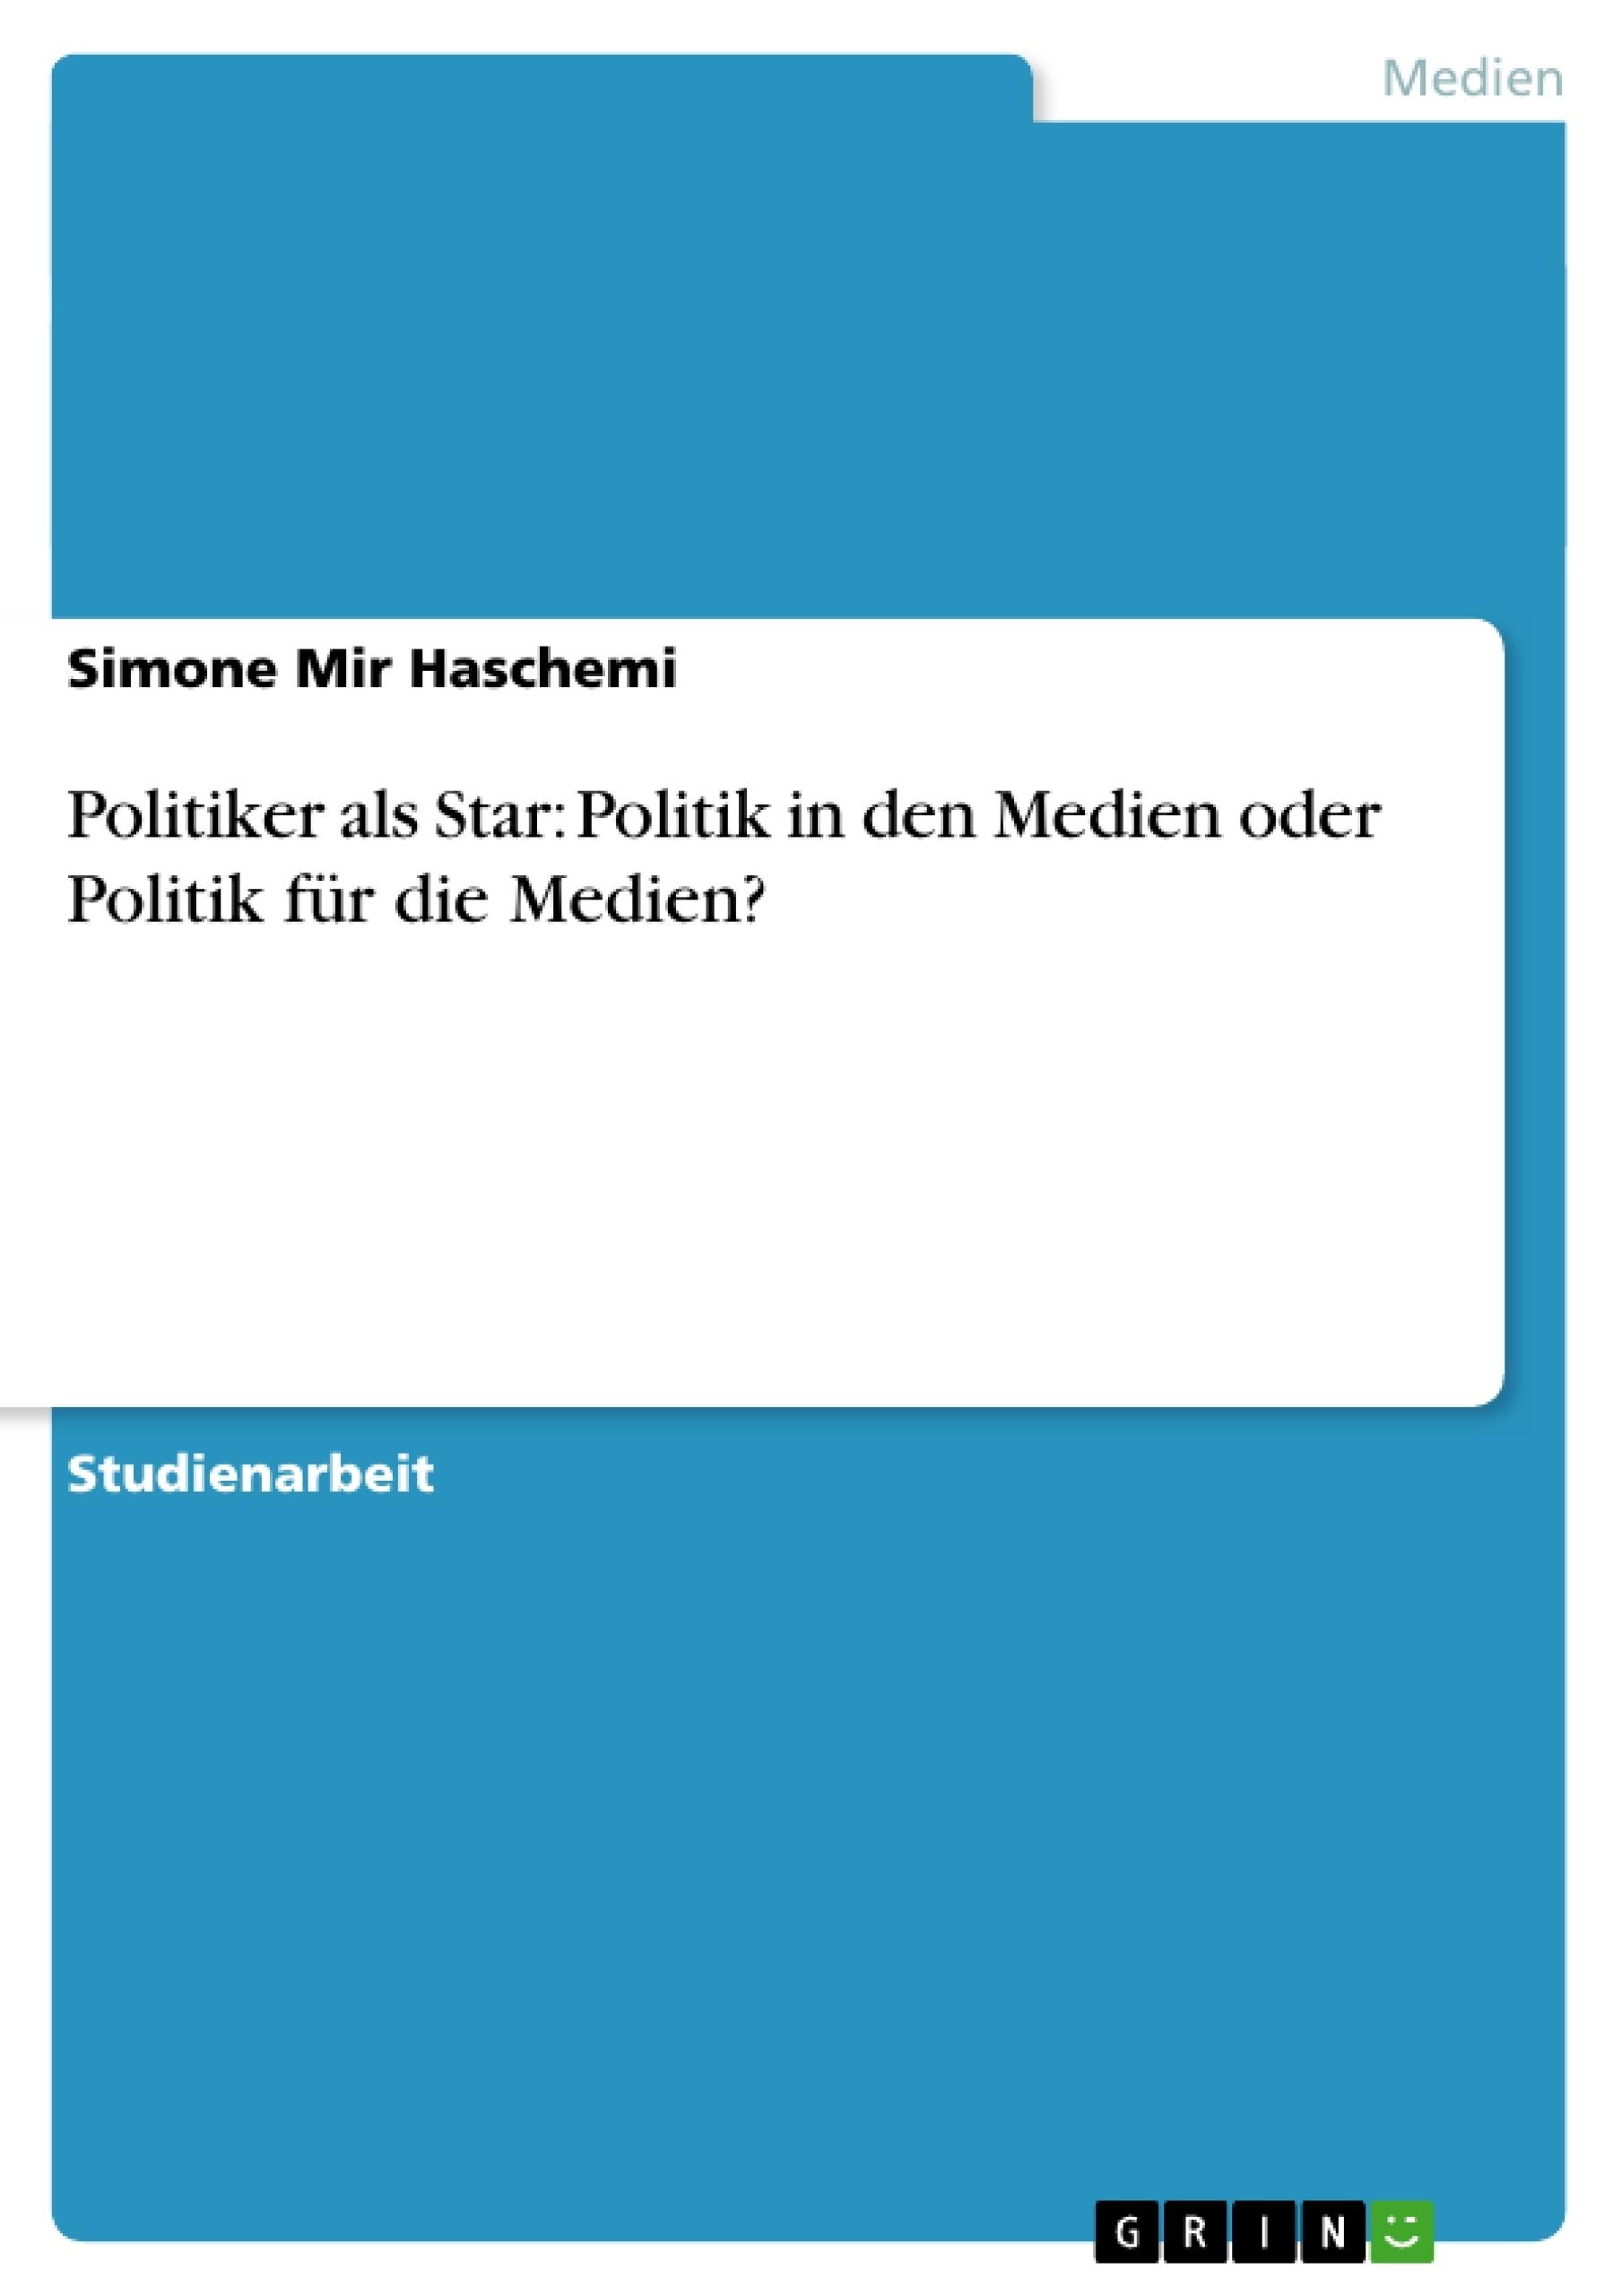 Titel: Politiker als Star: Politik in den Medien oder Politik für die Medien?